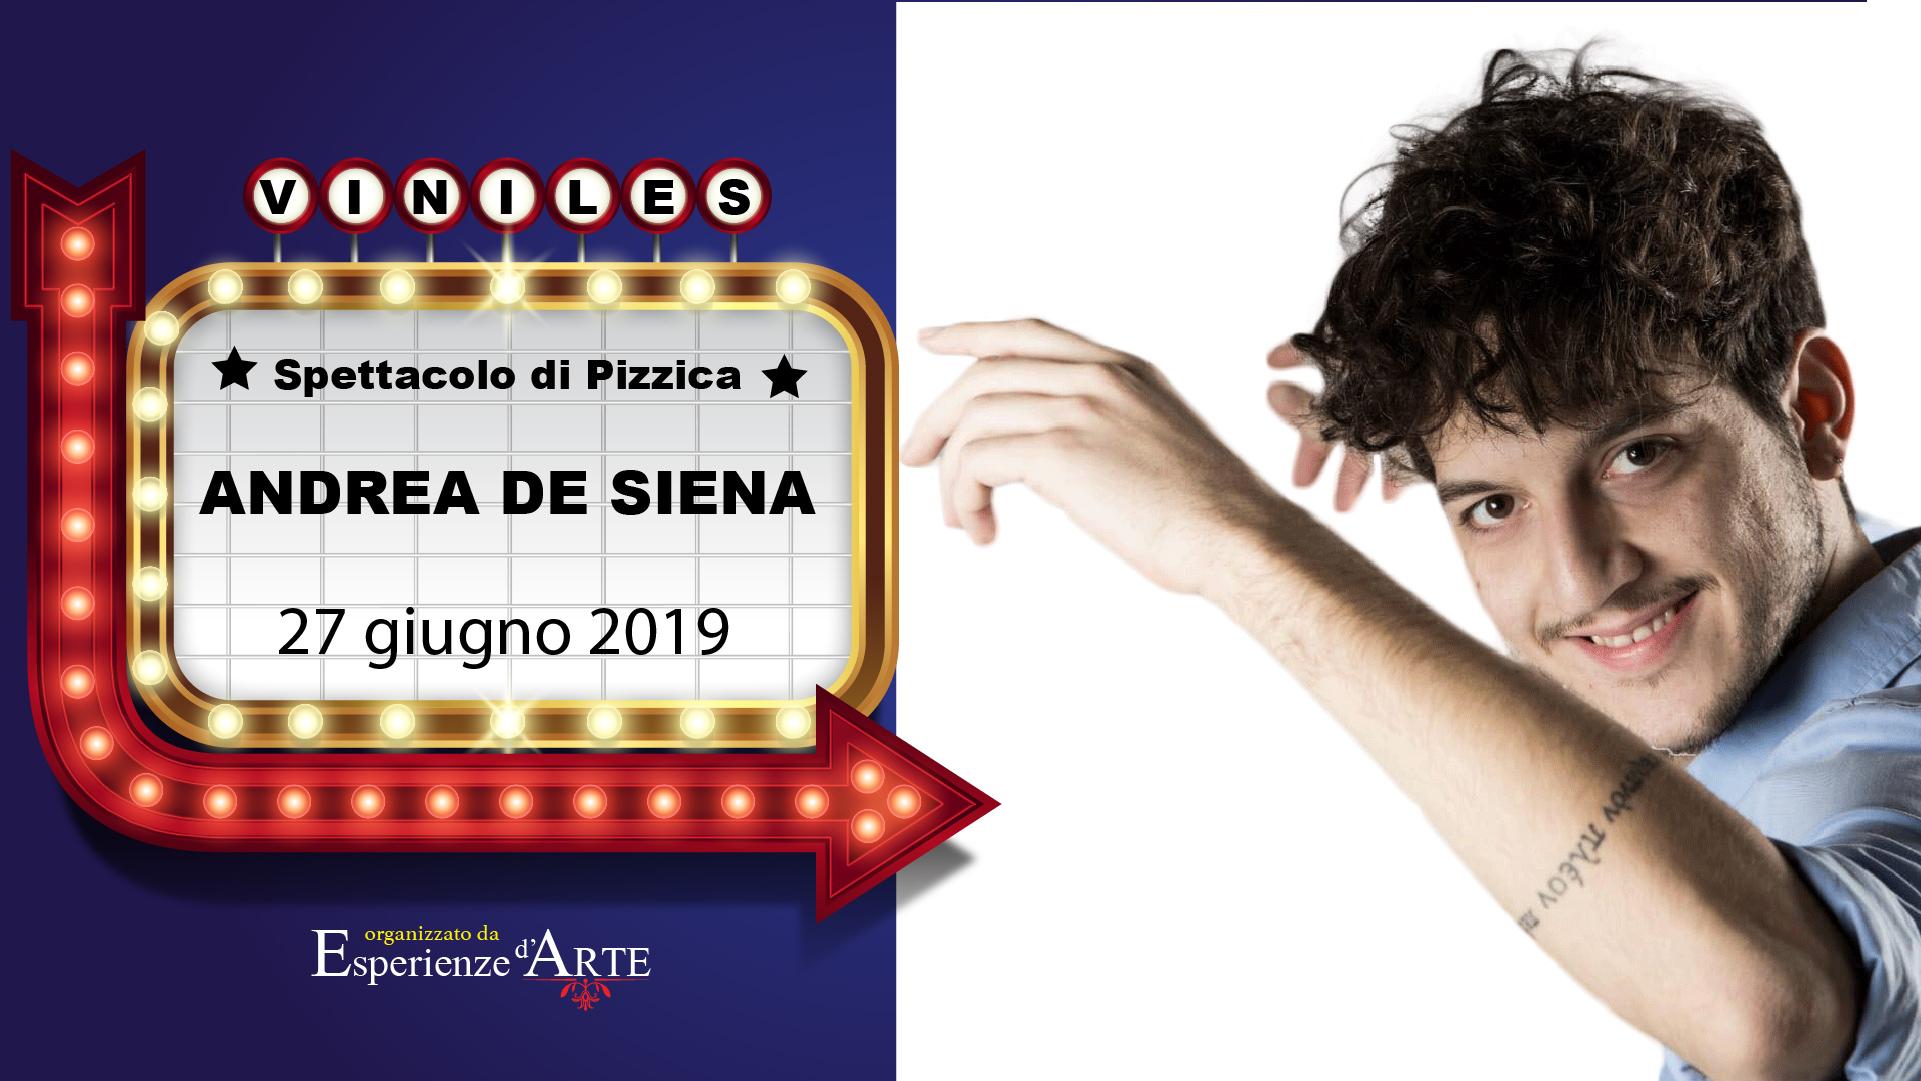 Calendario Pizzica.Esperienze D Arte Andrea De Siena Porta La Pizzica A San